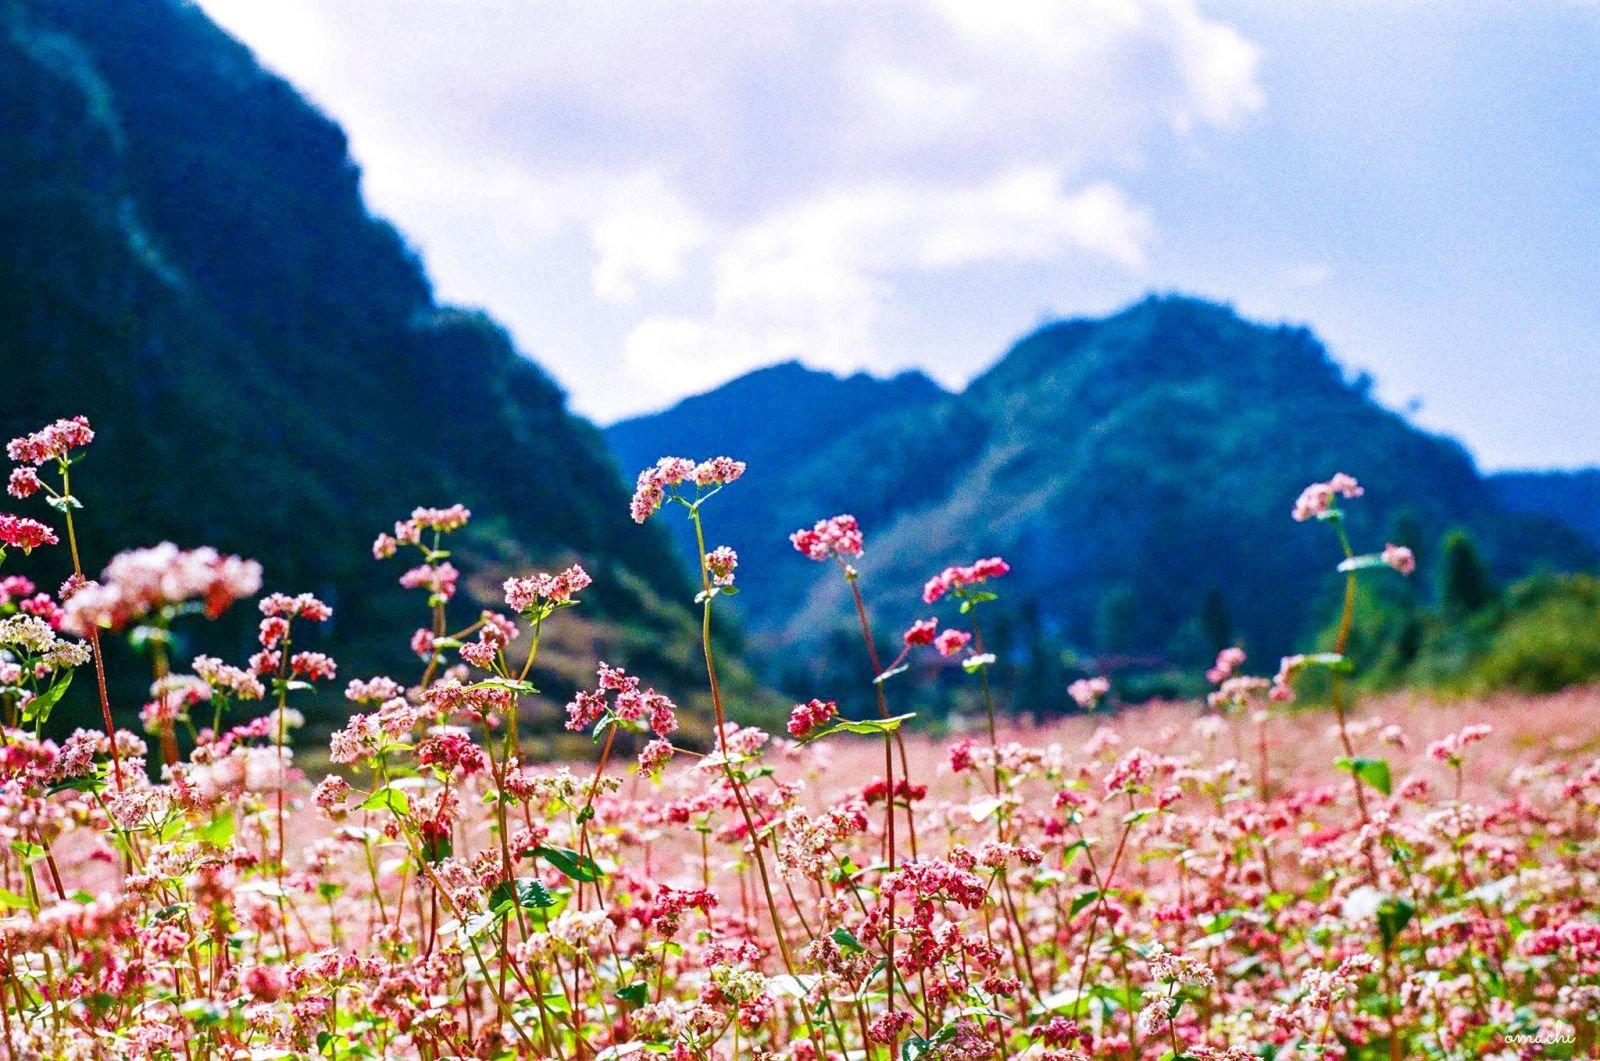 Mùa đông có hoa gì - Hoa tam giác mạch